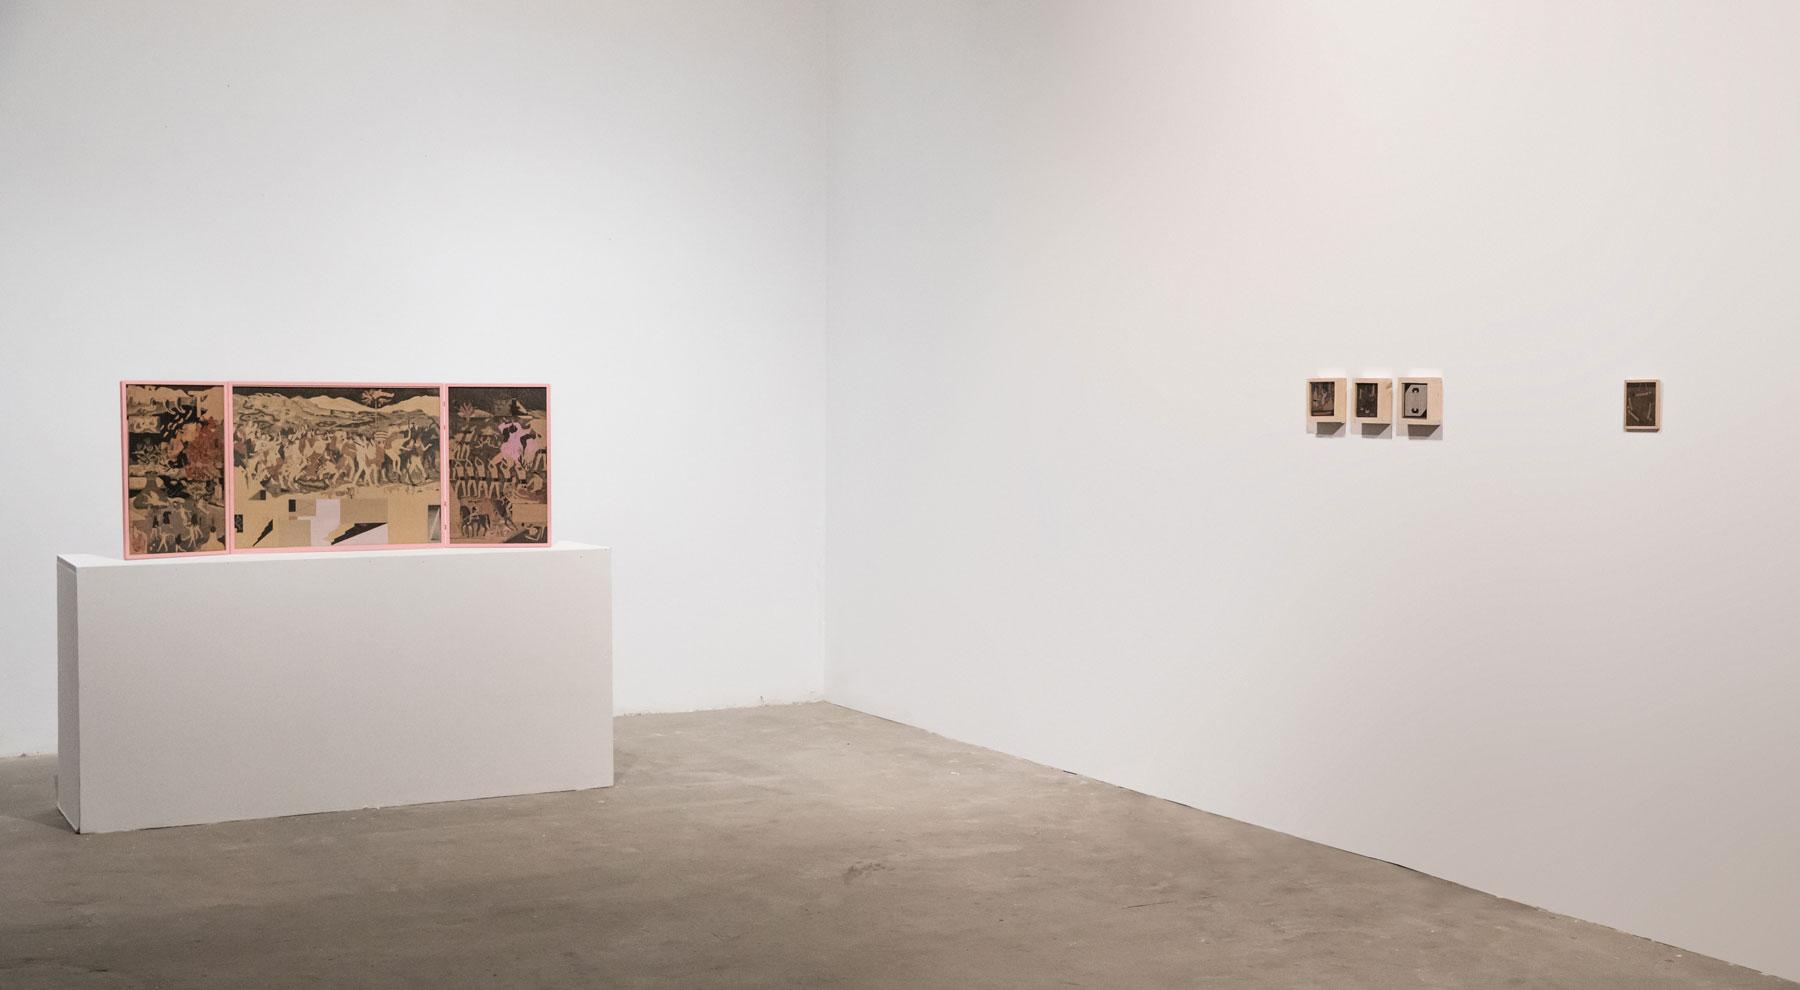 Georg_pinteritsch_exhibition-view-2_espronceda